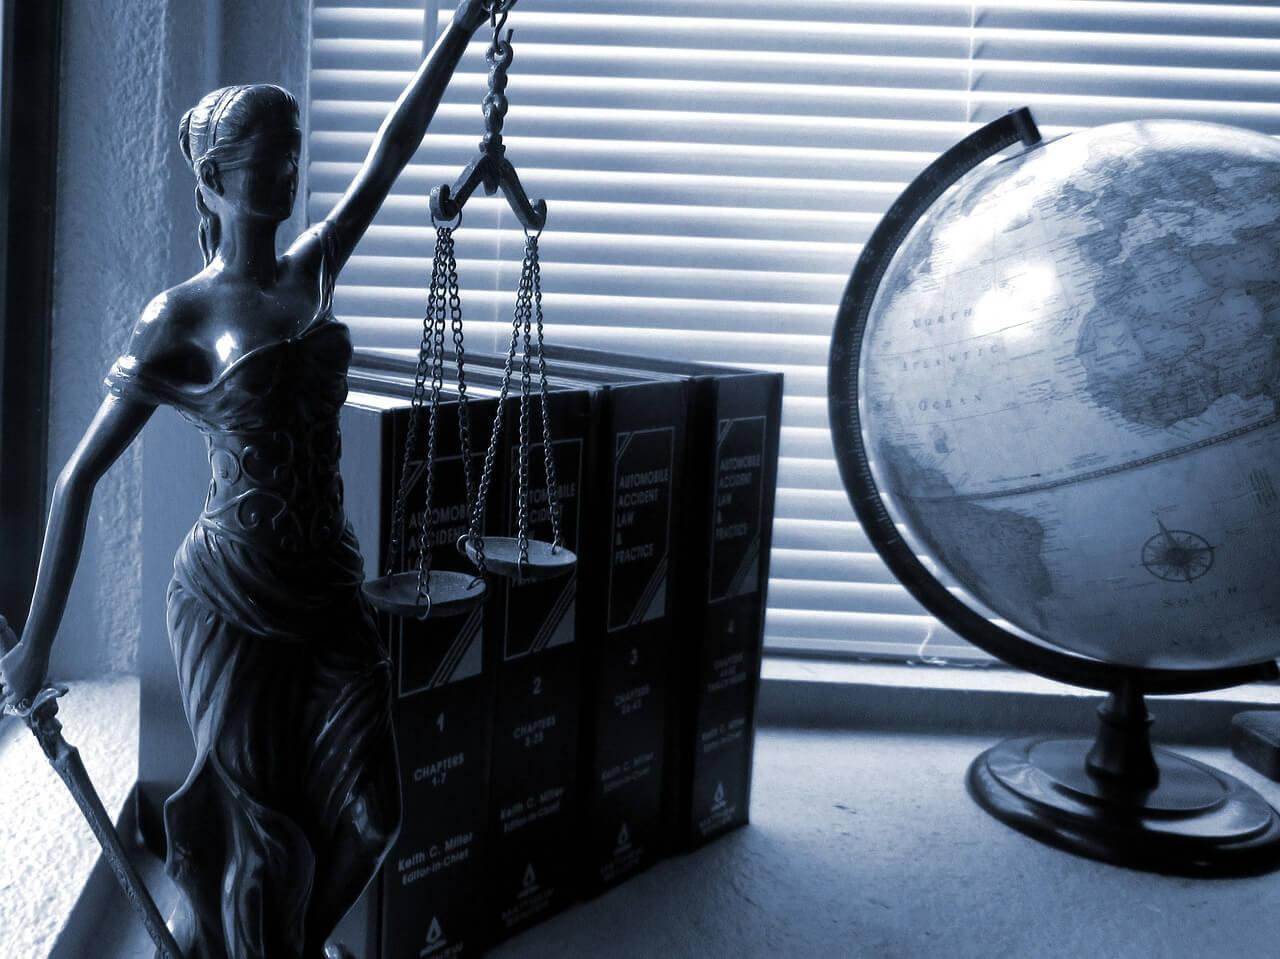 PA Laws